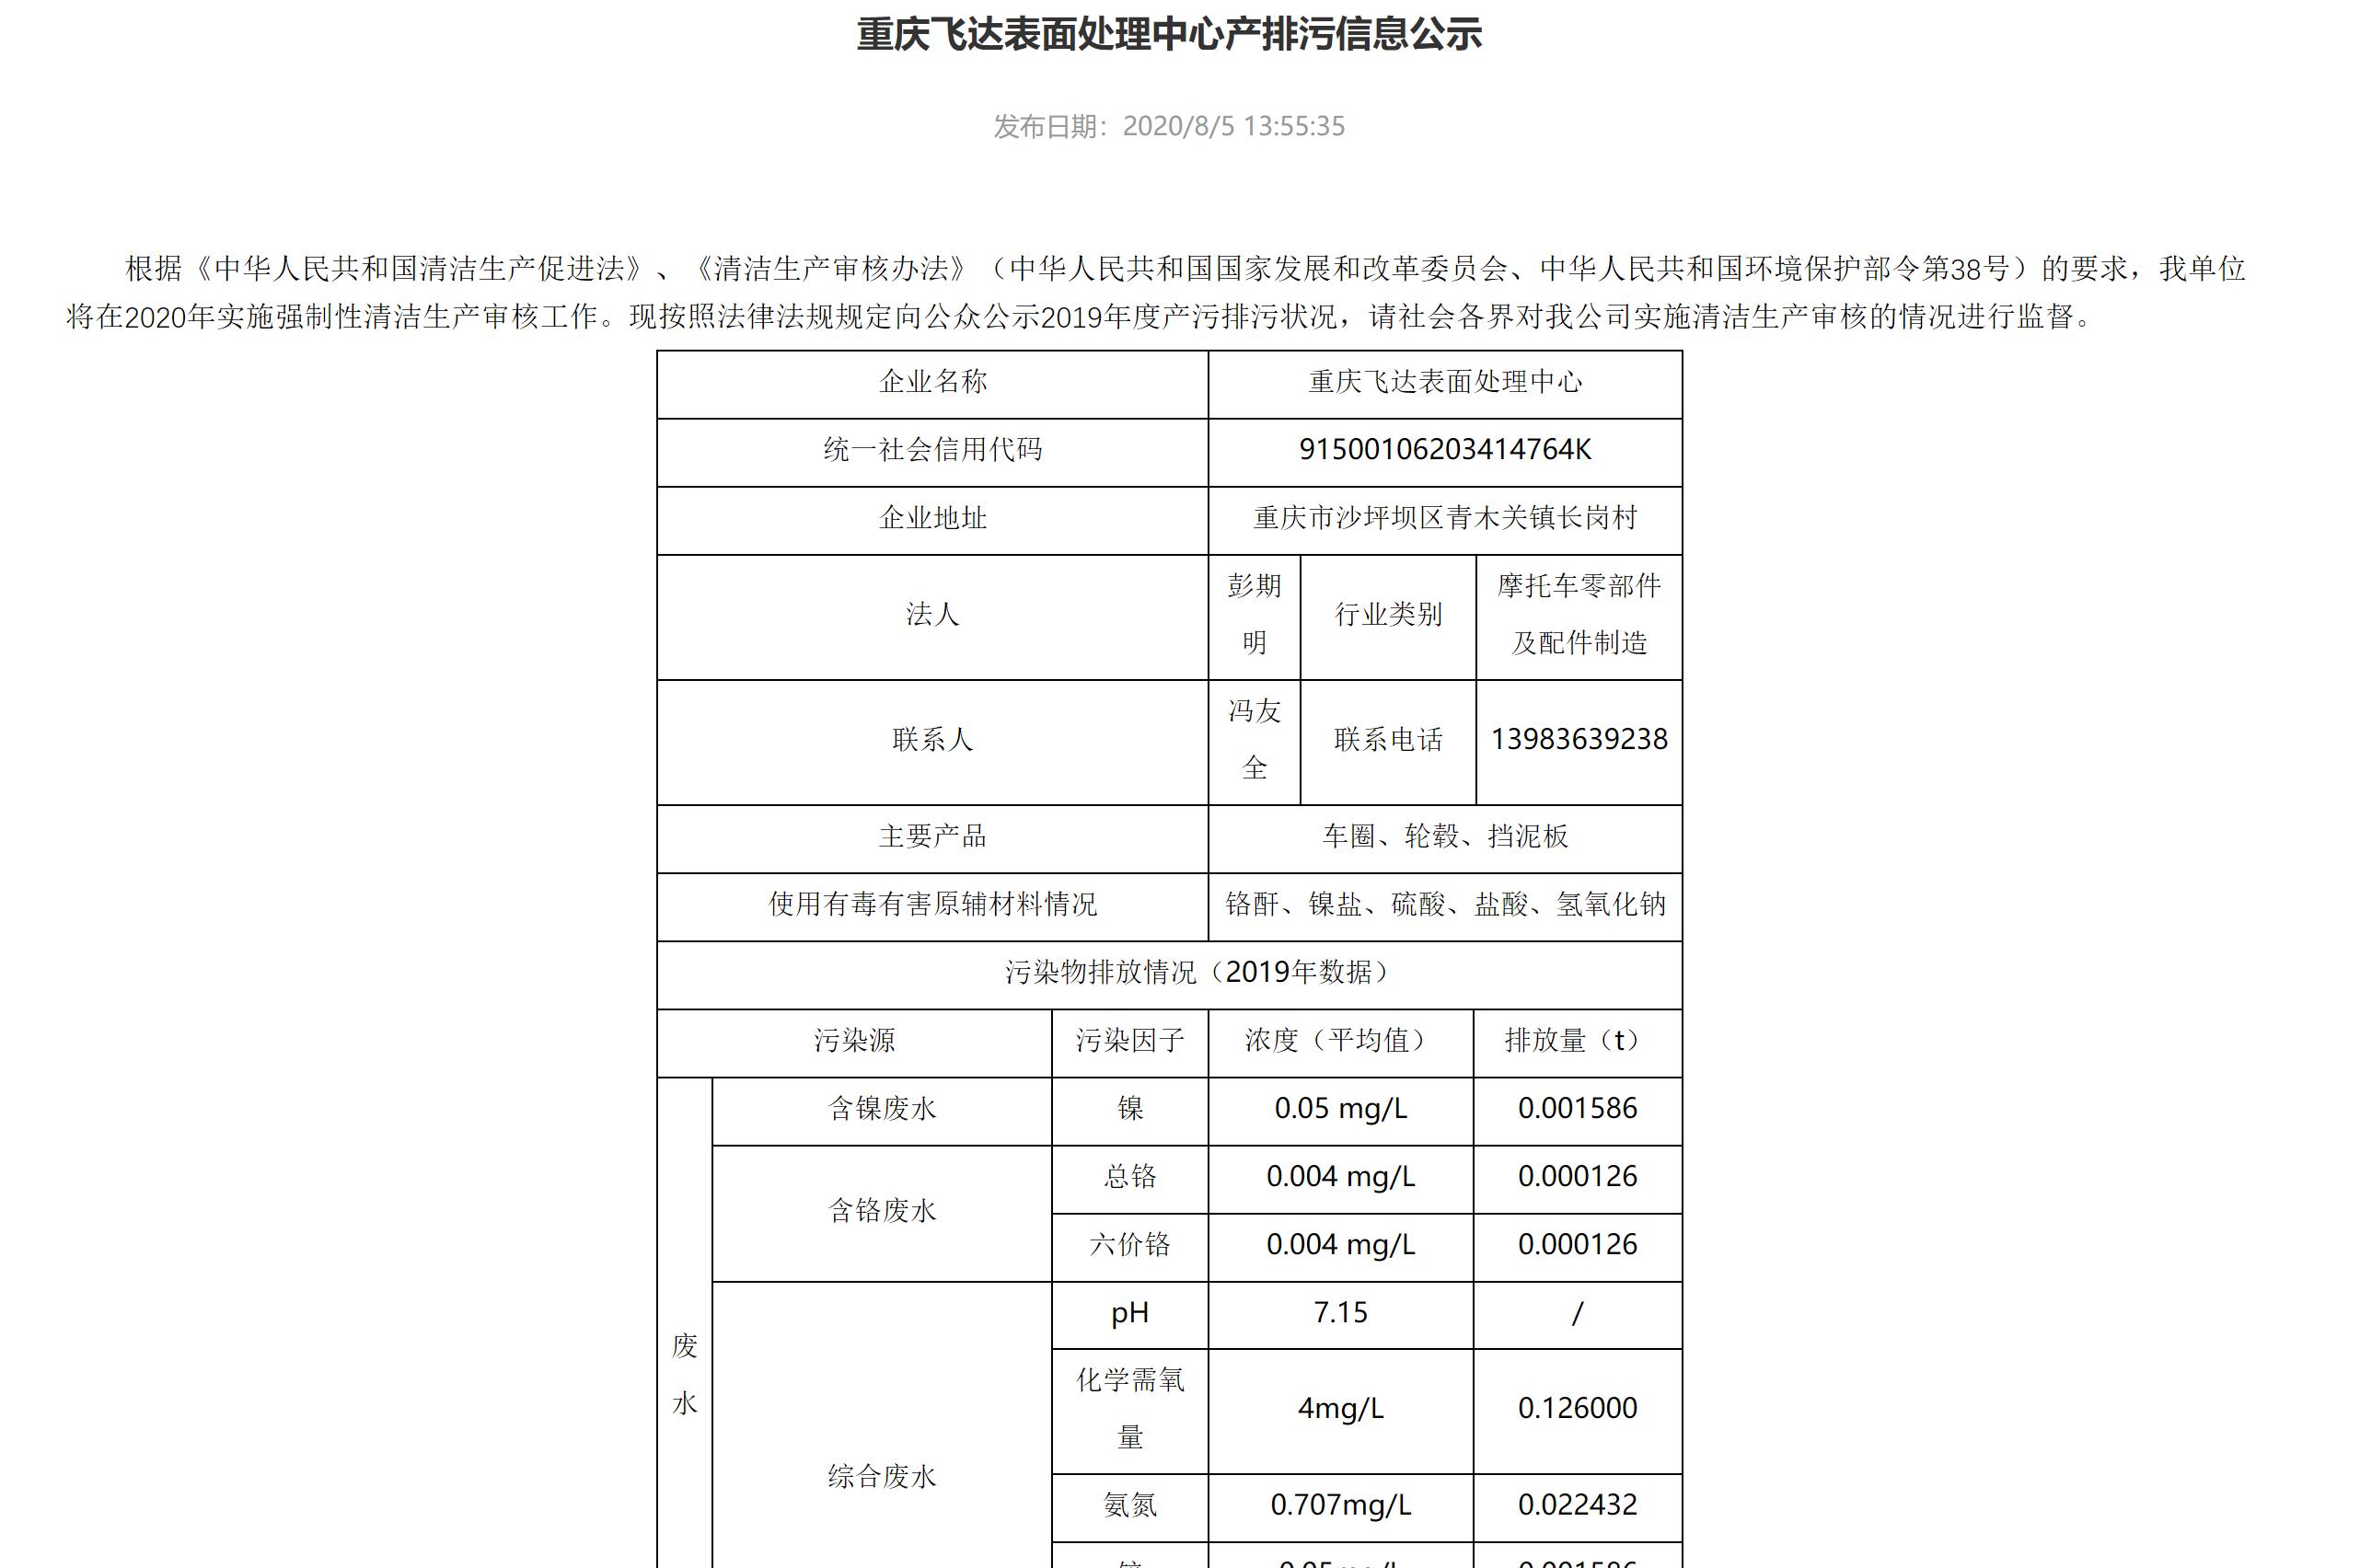 重庆飞达表面处理中心产排污信息公示